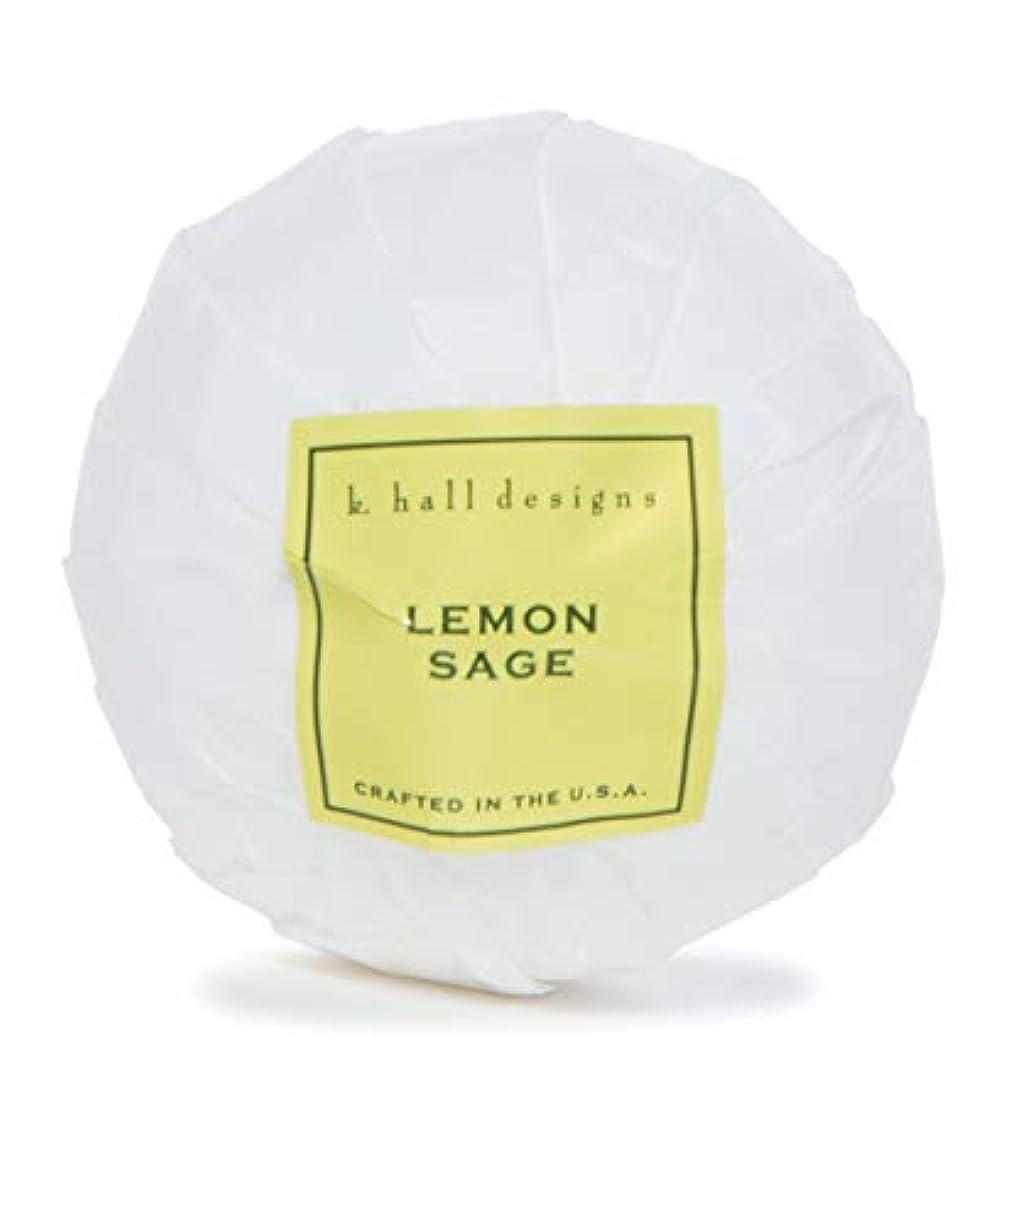 だますテメリティほとんどの場合k.hall designs/バスボム(入浴剤) レモンセージ